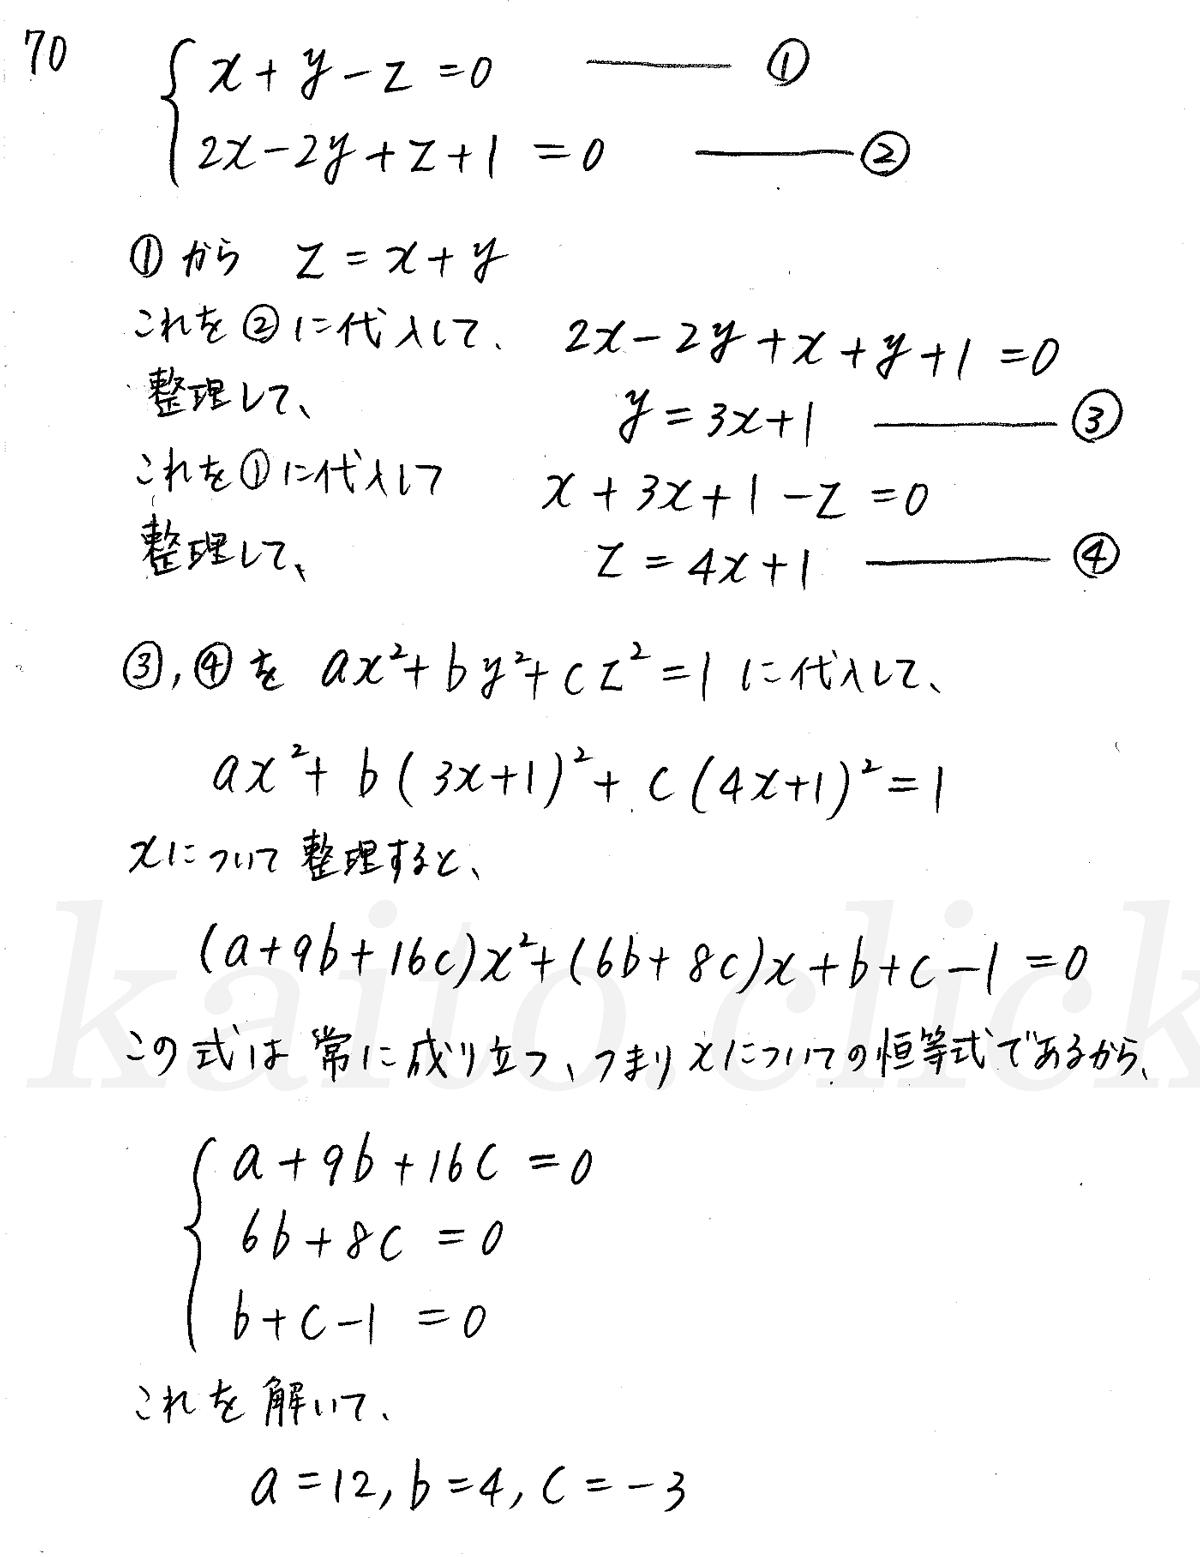 クリアー数学2-70解答